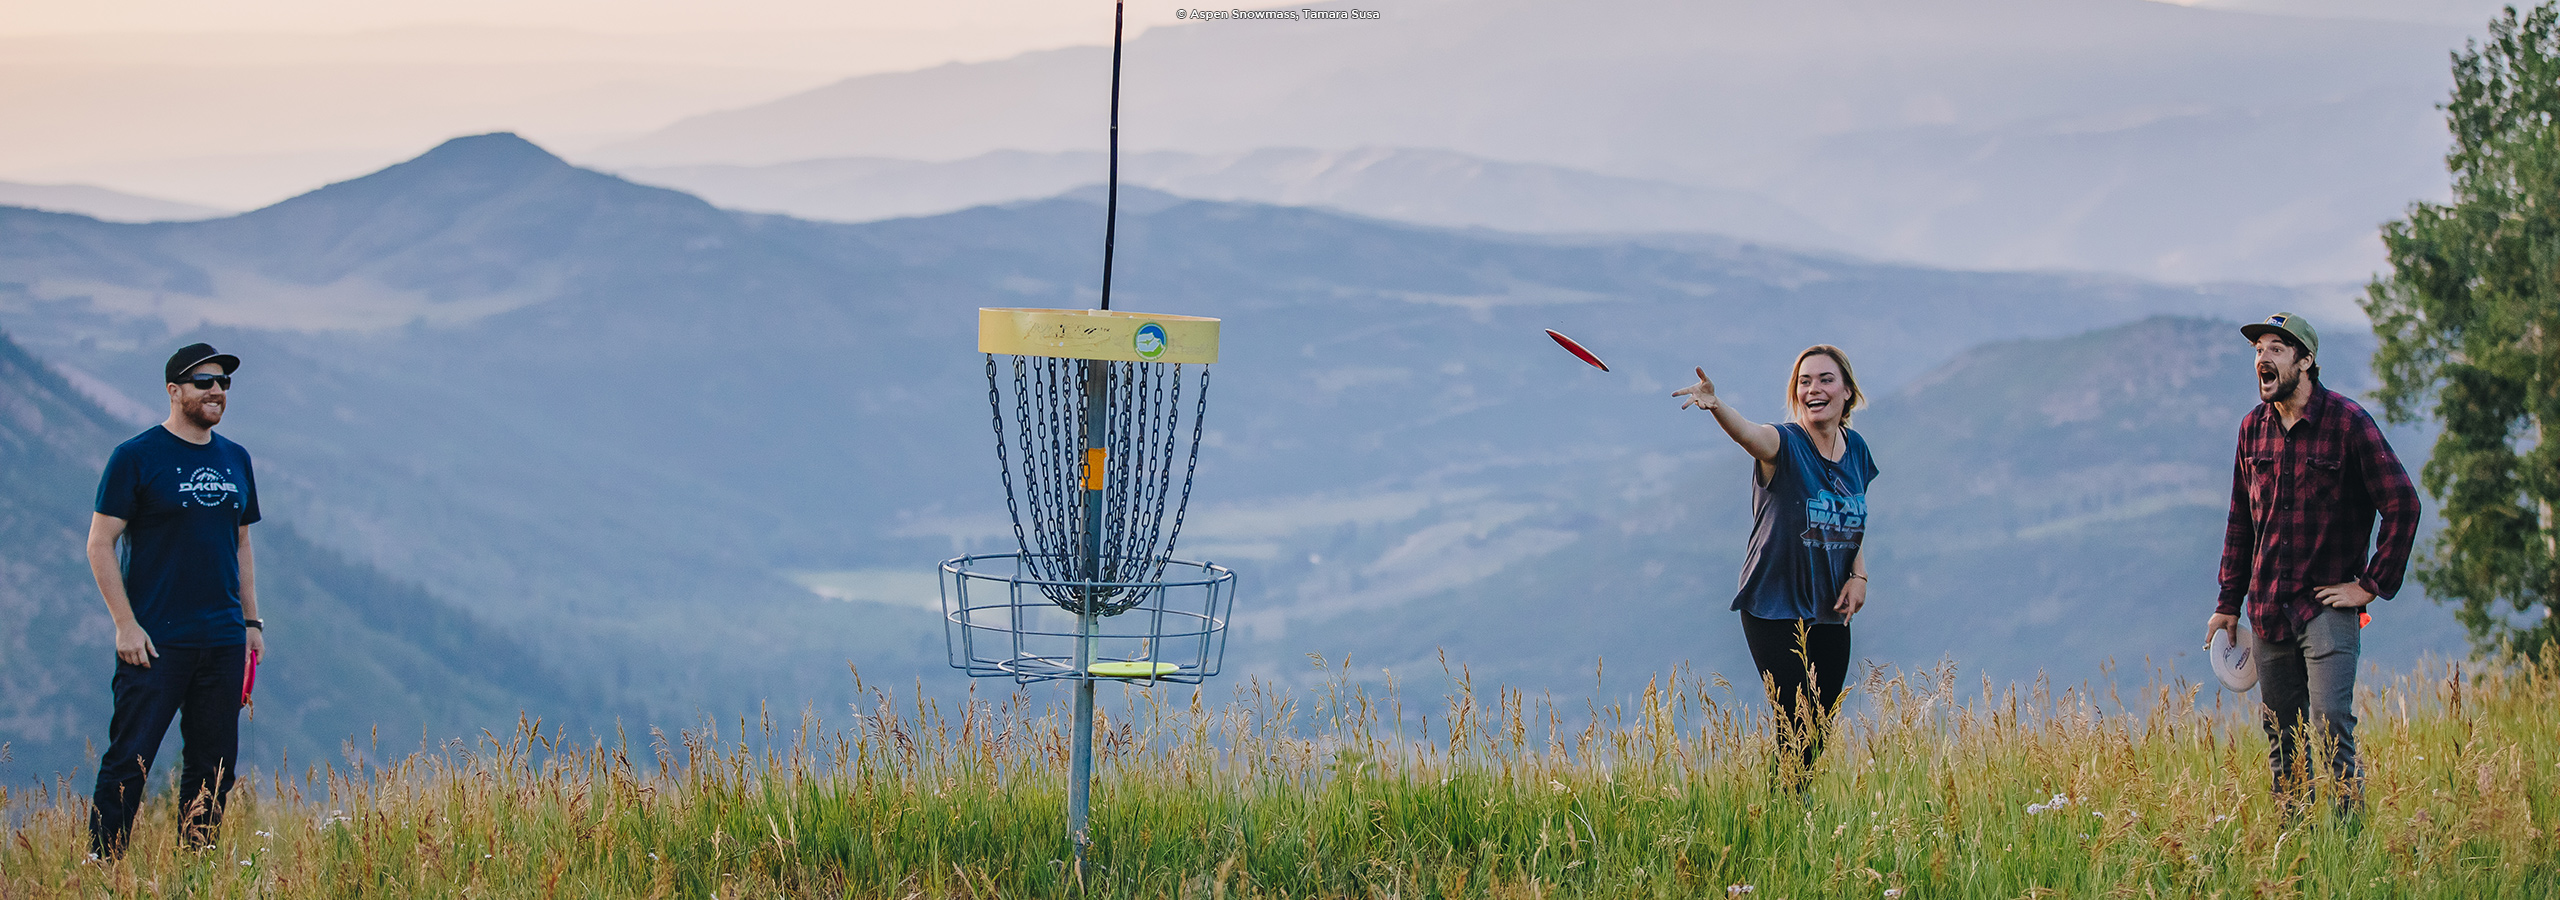 Frisbee Golf in Aspen